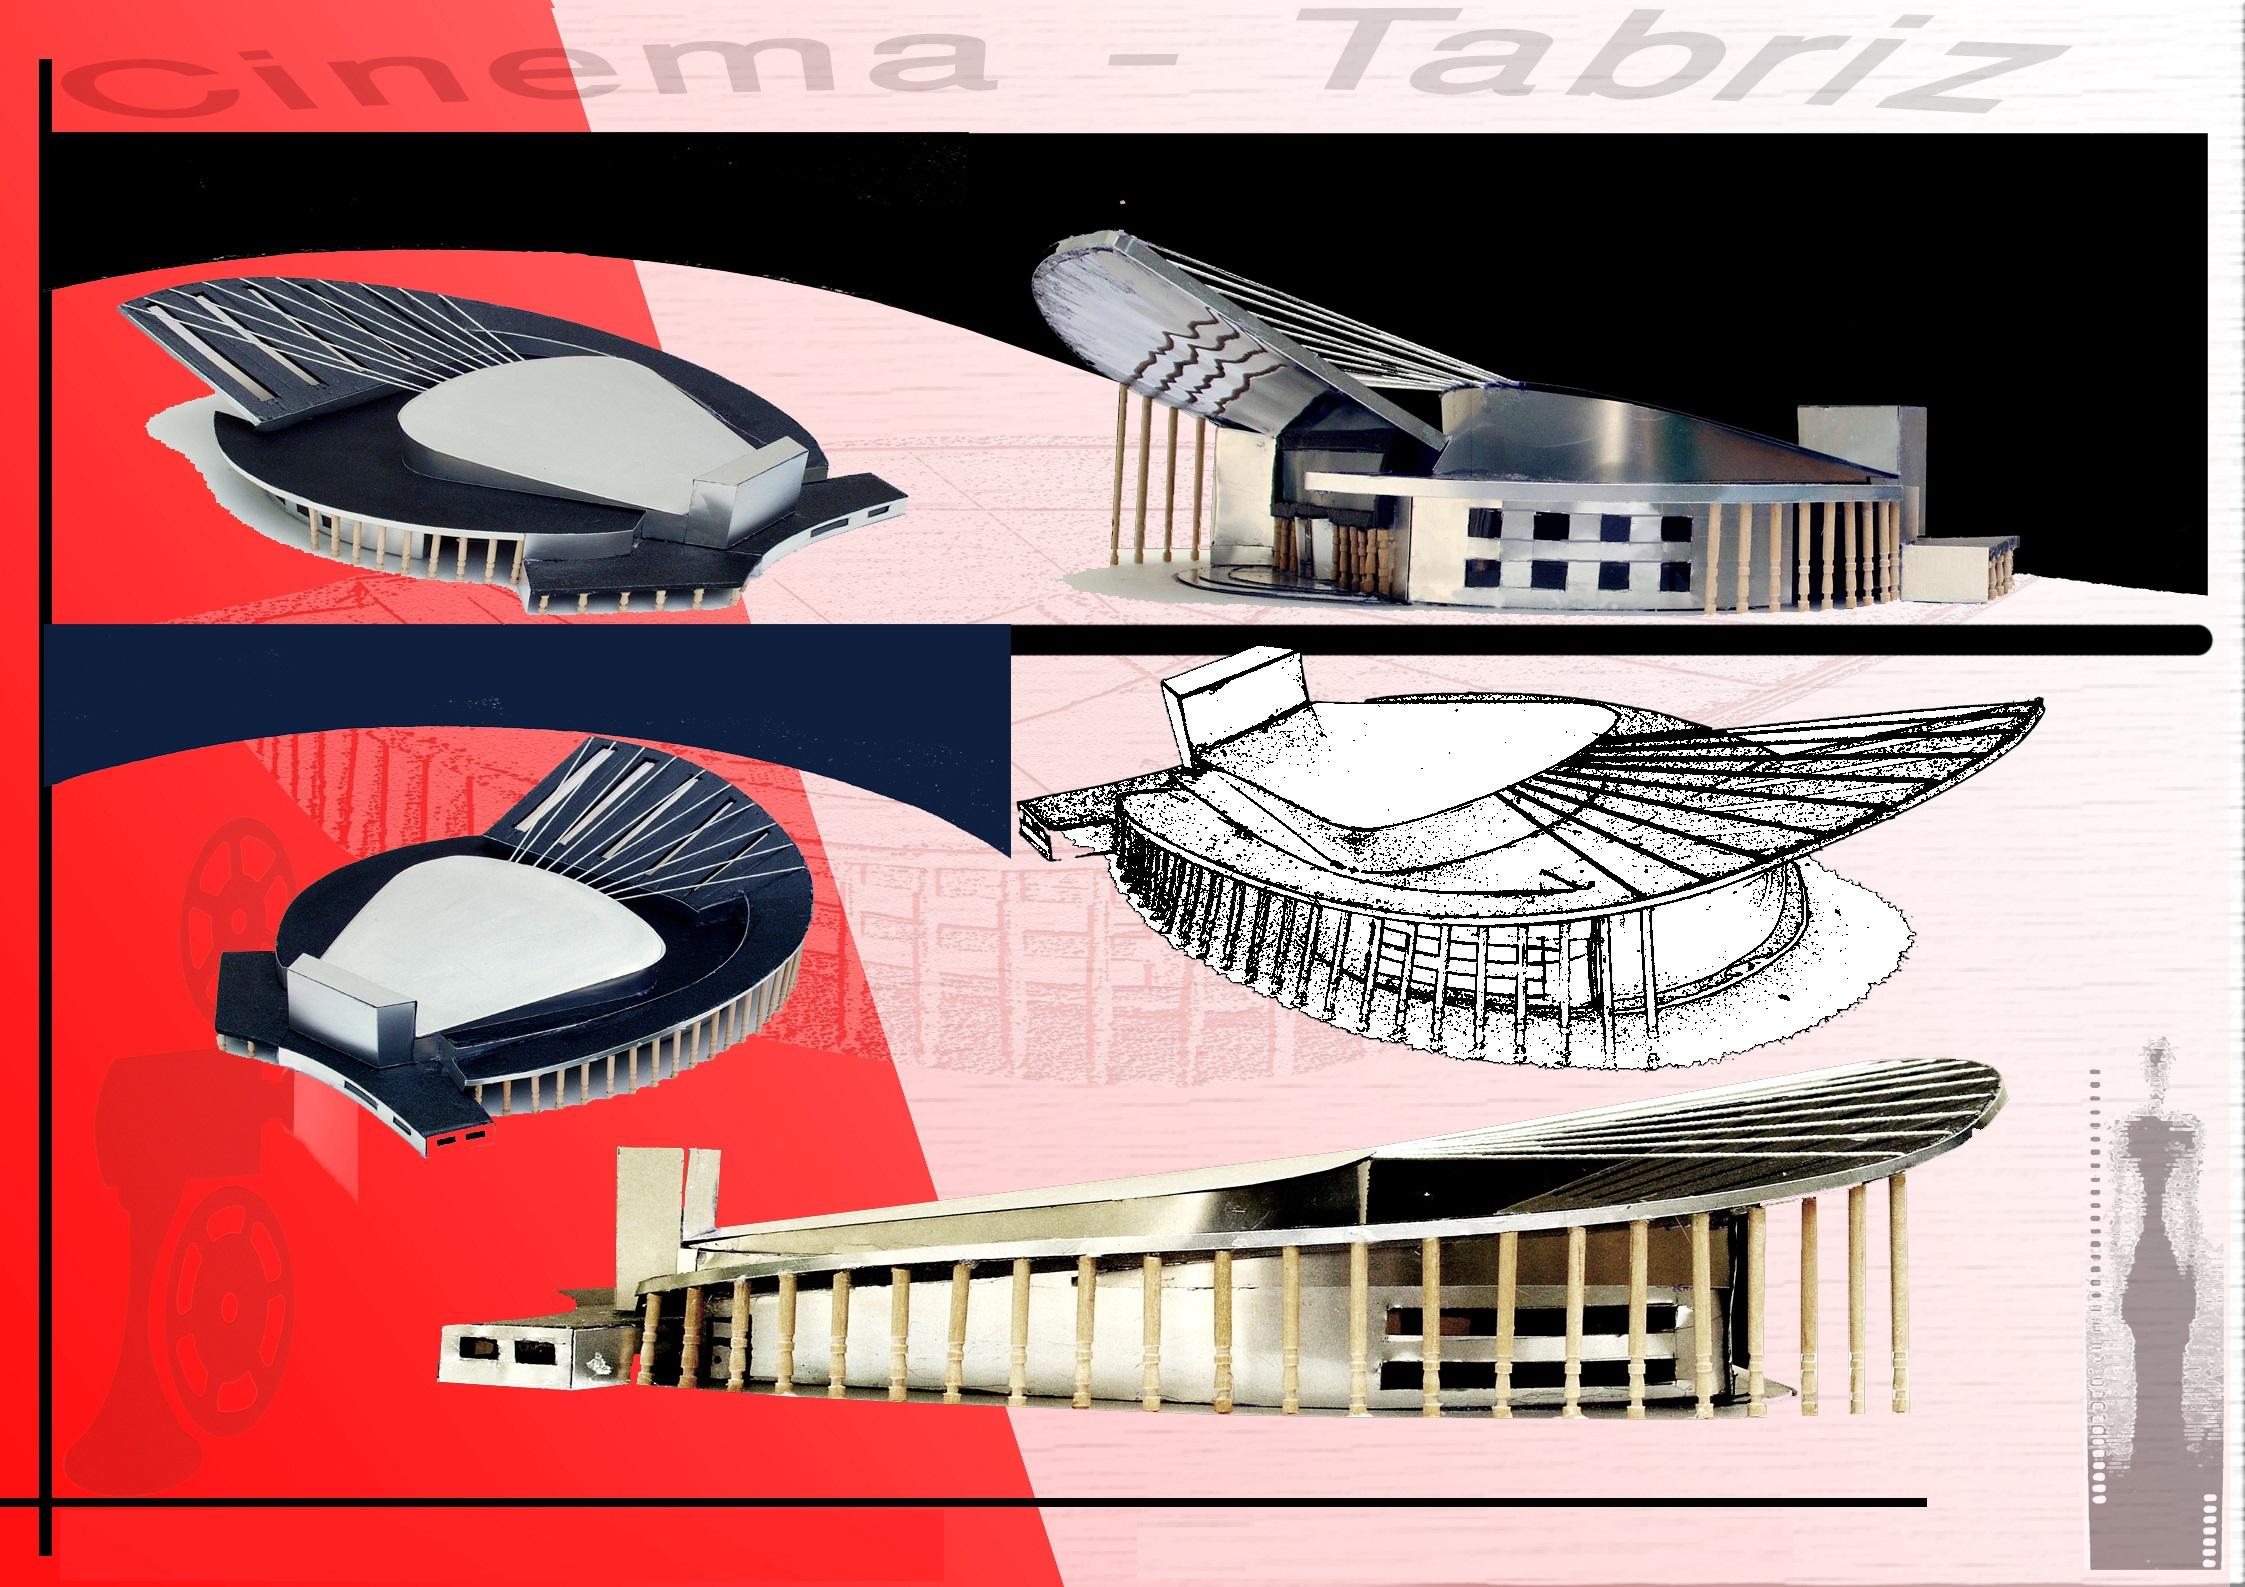 دانلود پروژه سینما - پلان - نما - برش اتوکدی - رندر سه بعدی